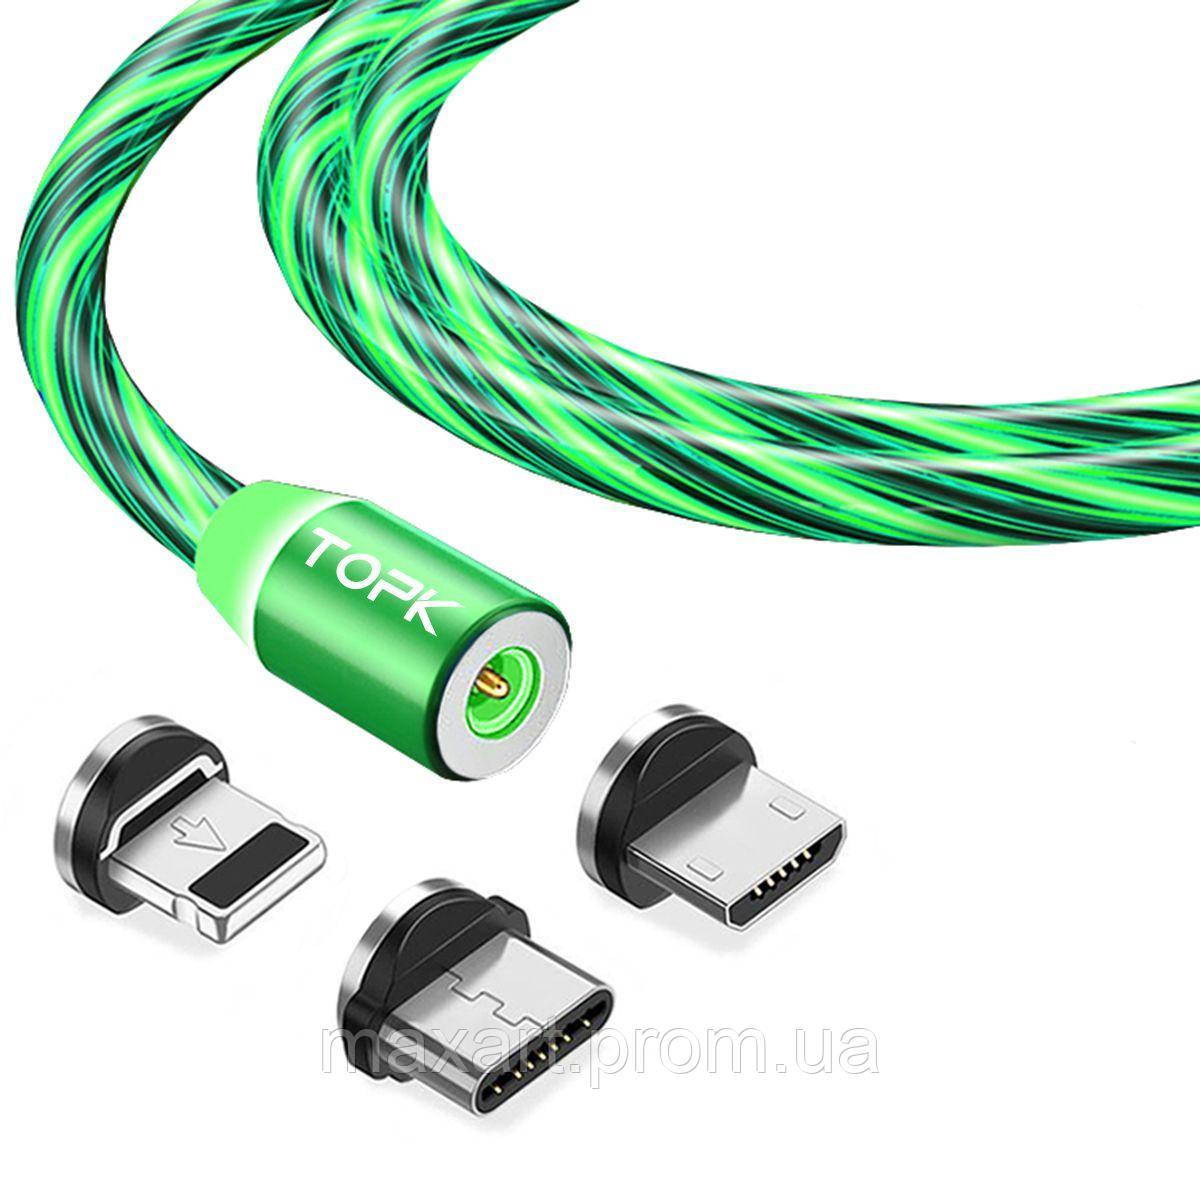 Магнитный кабель TOPK 3в1 (RZ) для зарядки (100 см) Green